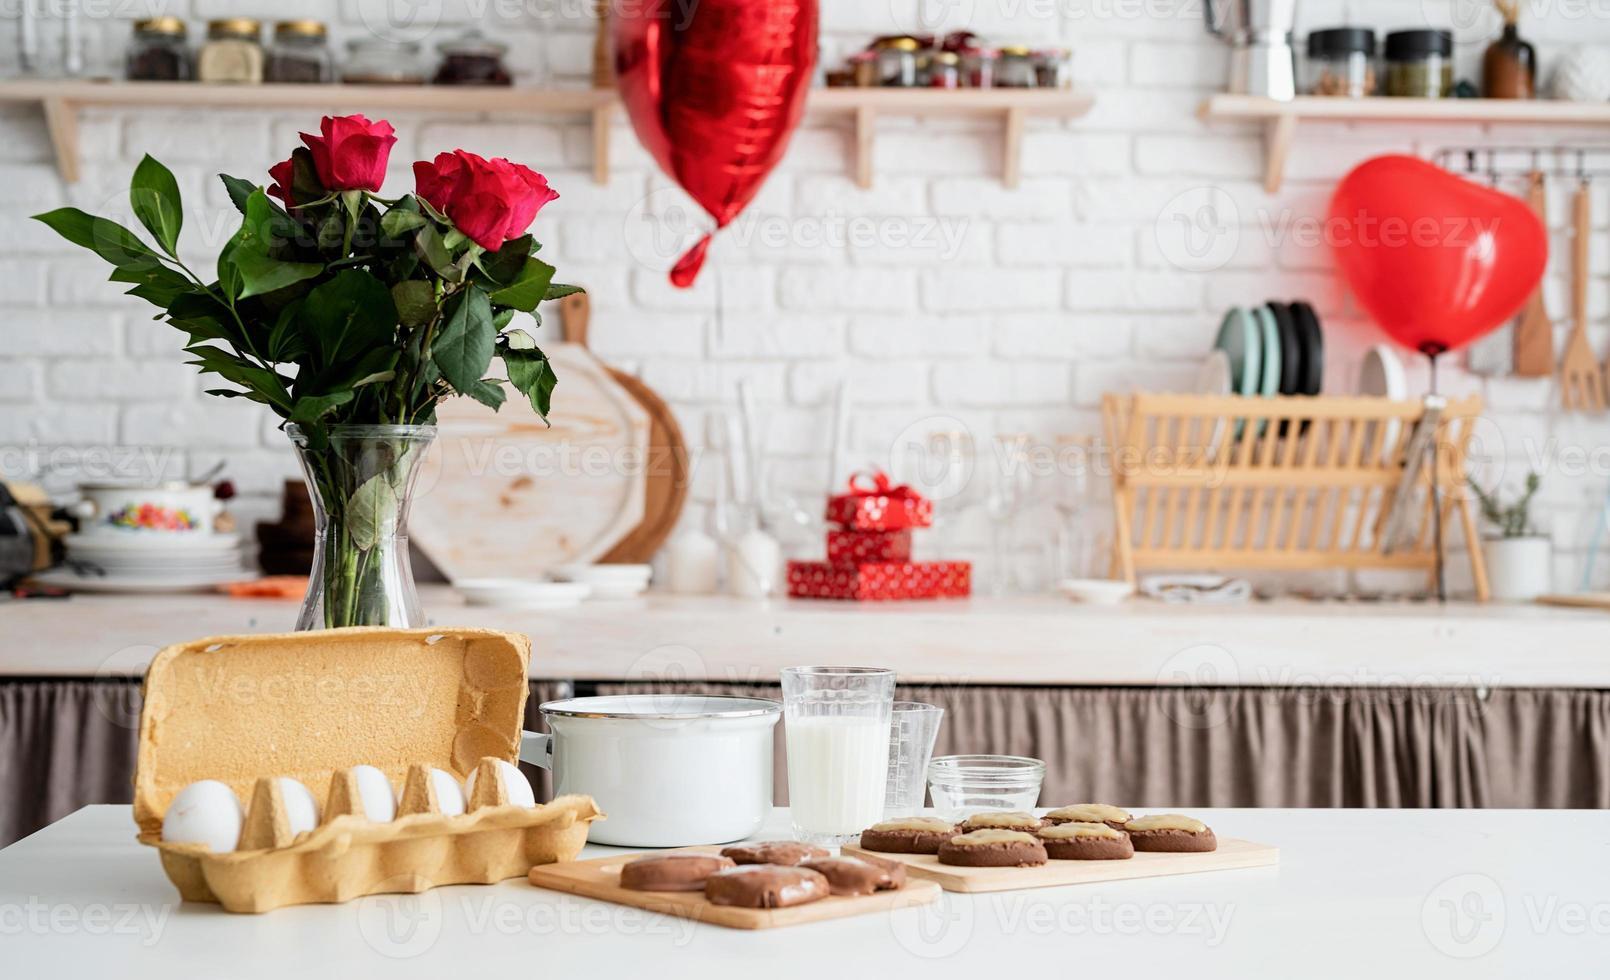 Cocina casera con ingredientes para hornear sobre la mesa y decoraciones. foto